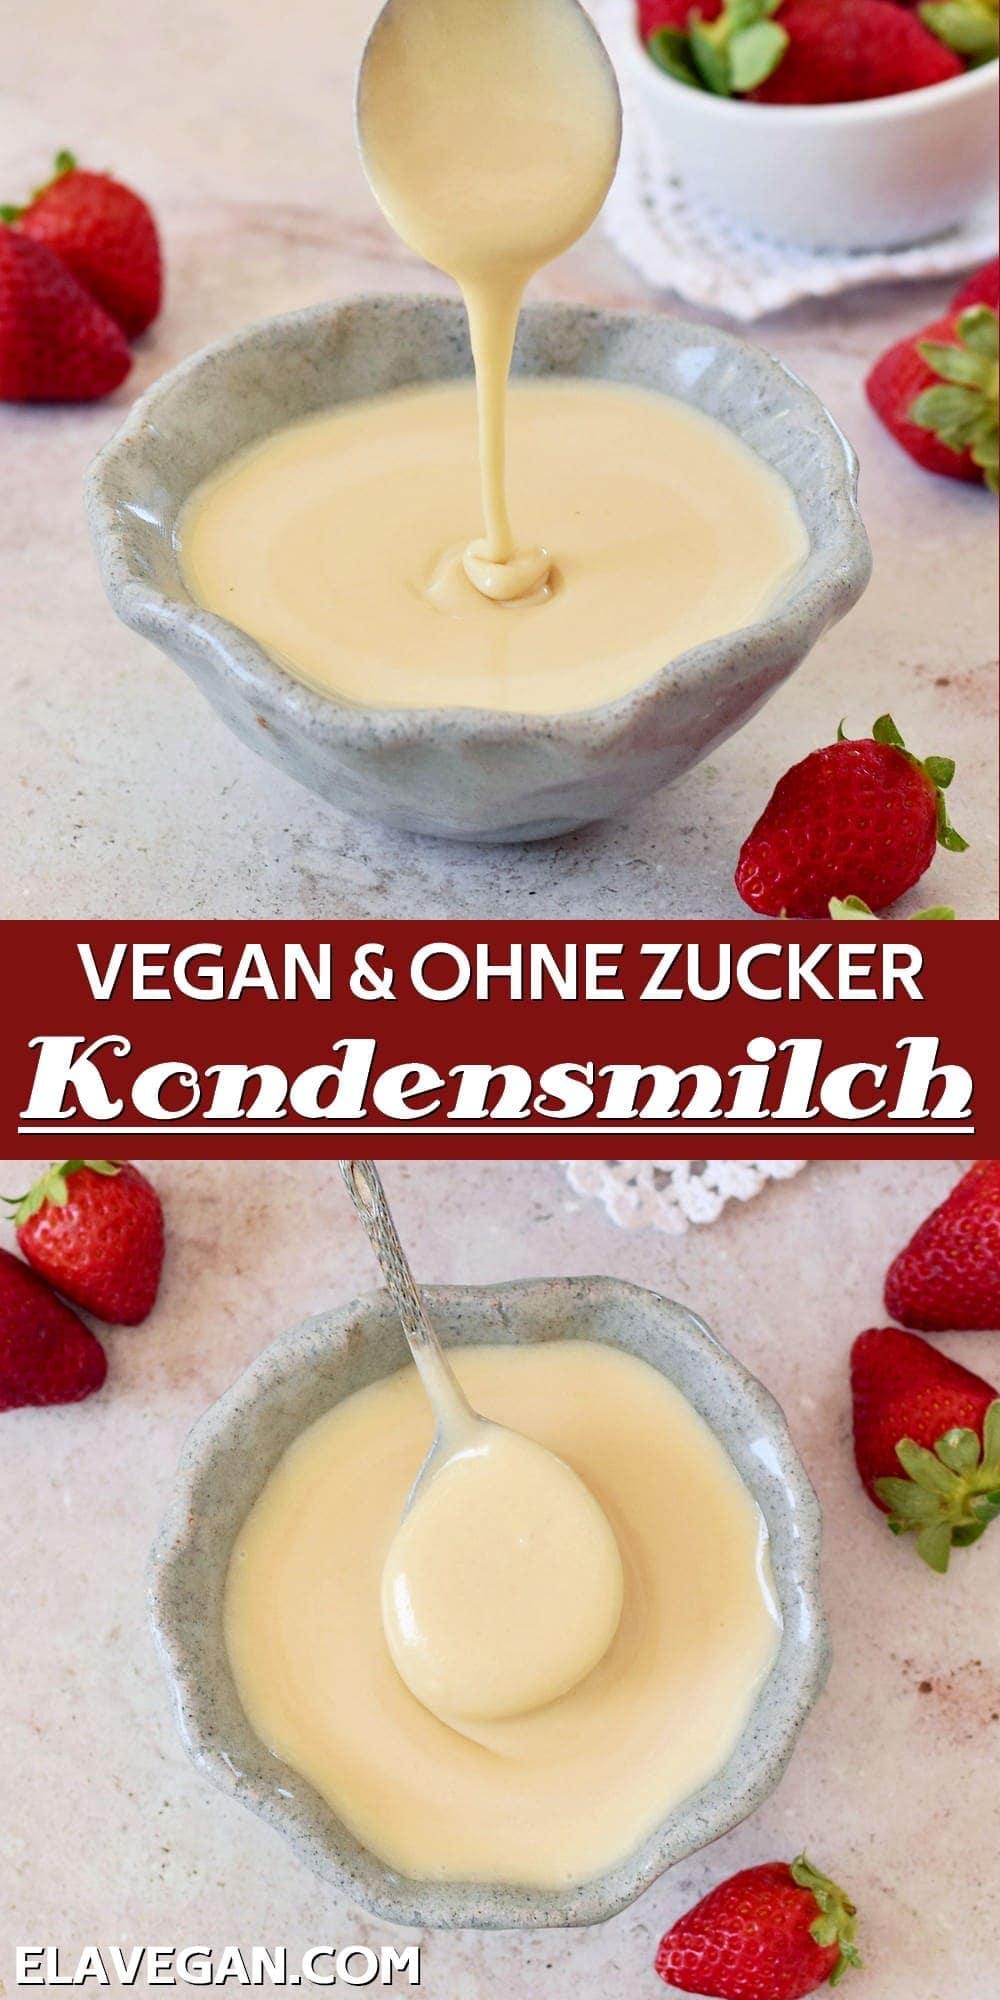 Pinterest Collage Vegan ohne Zucker Kondensmilch